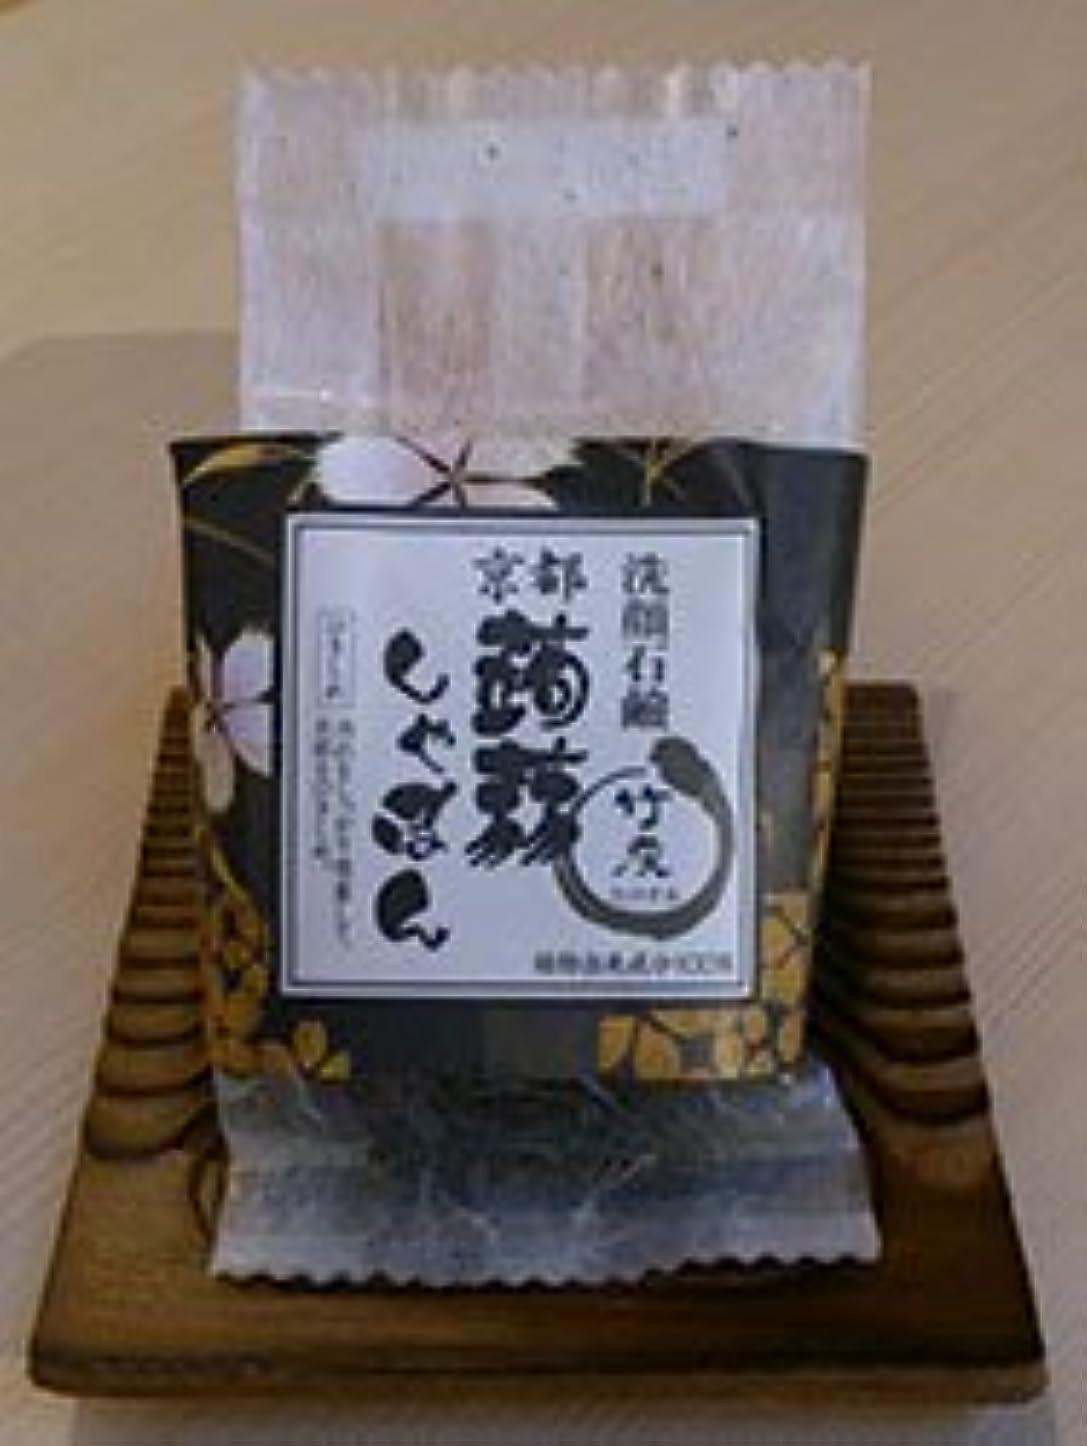 増幅器自己尊重以内に京都蒟蒻しゃぼん「竹炭 たけすみ」